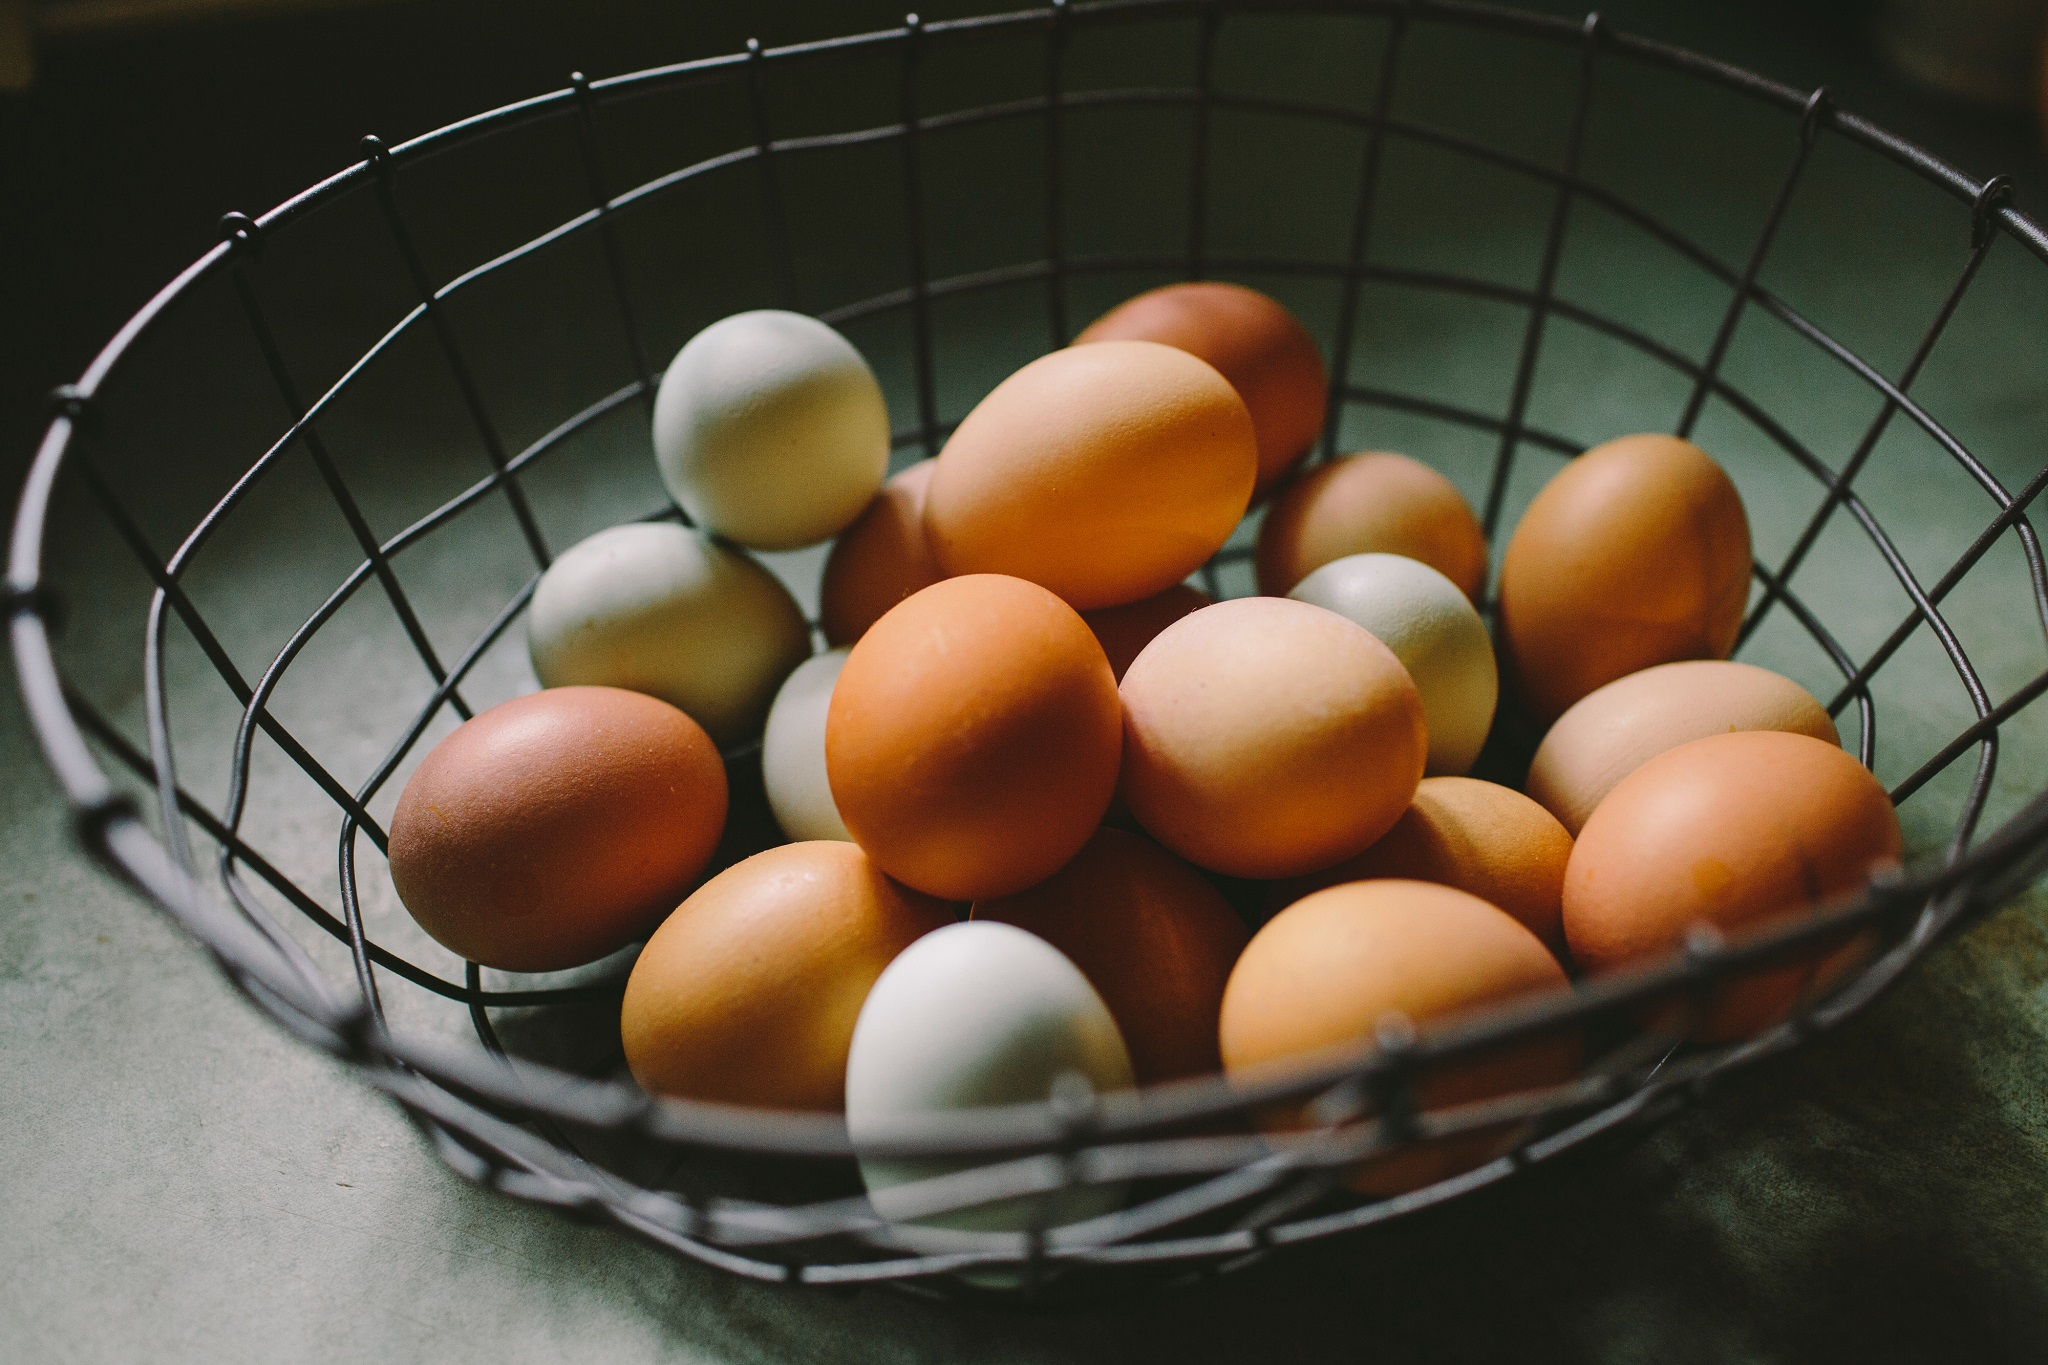 slike jaja 12